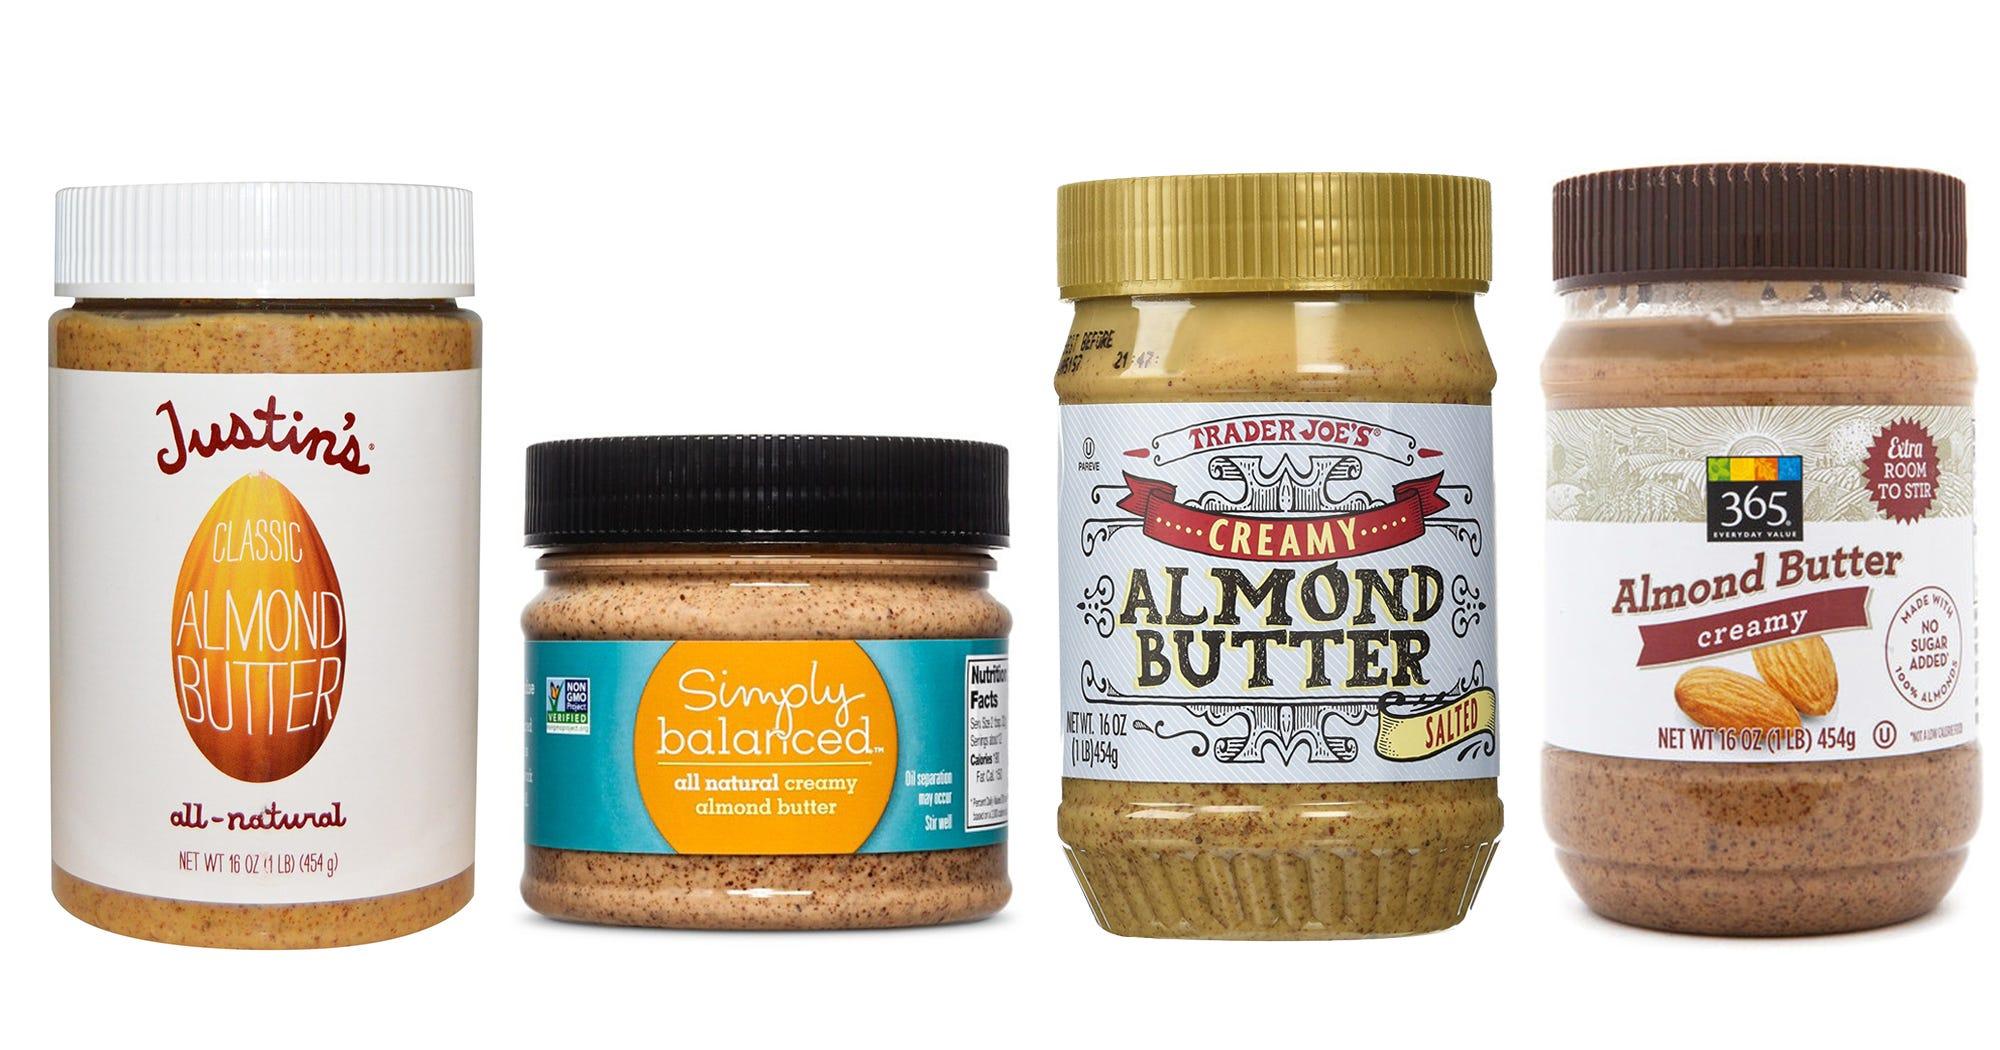 Almond butter brand